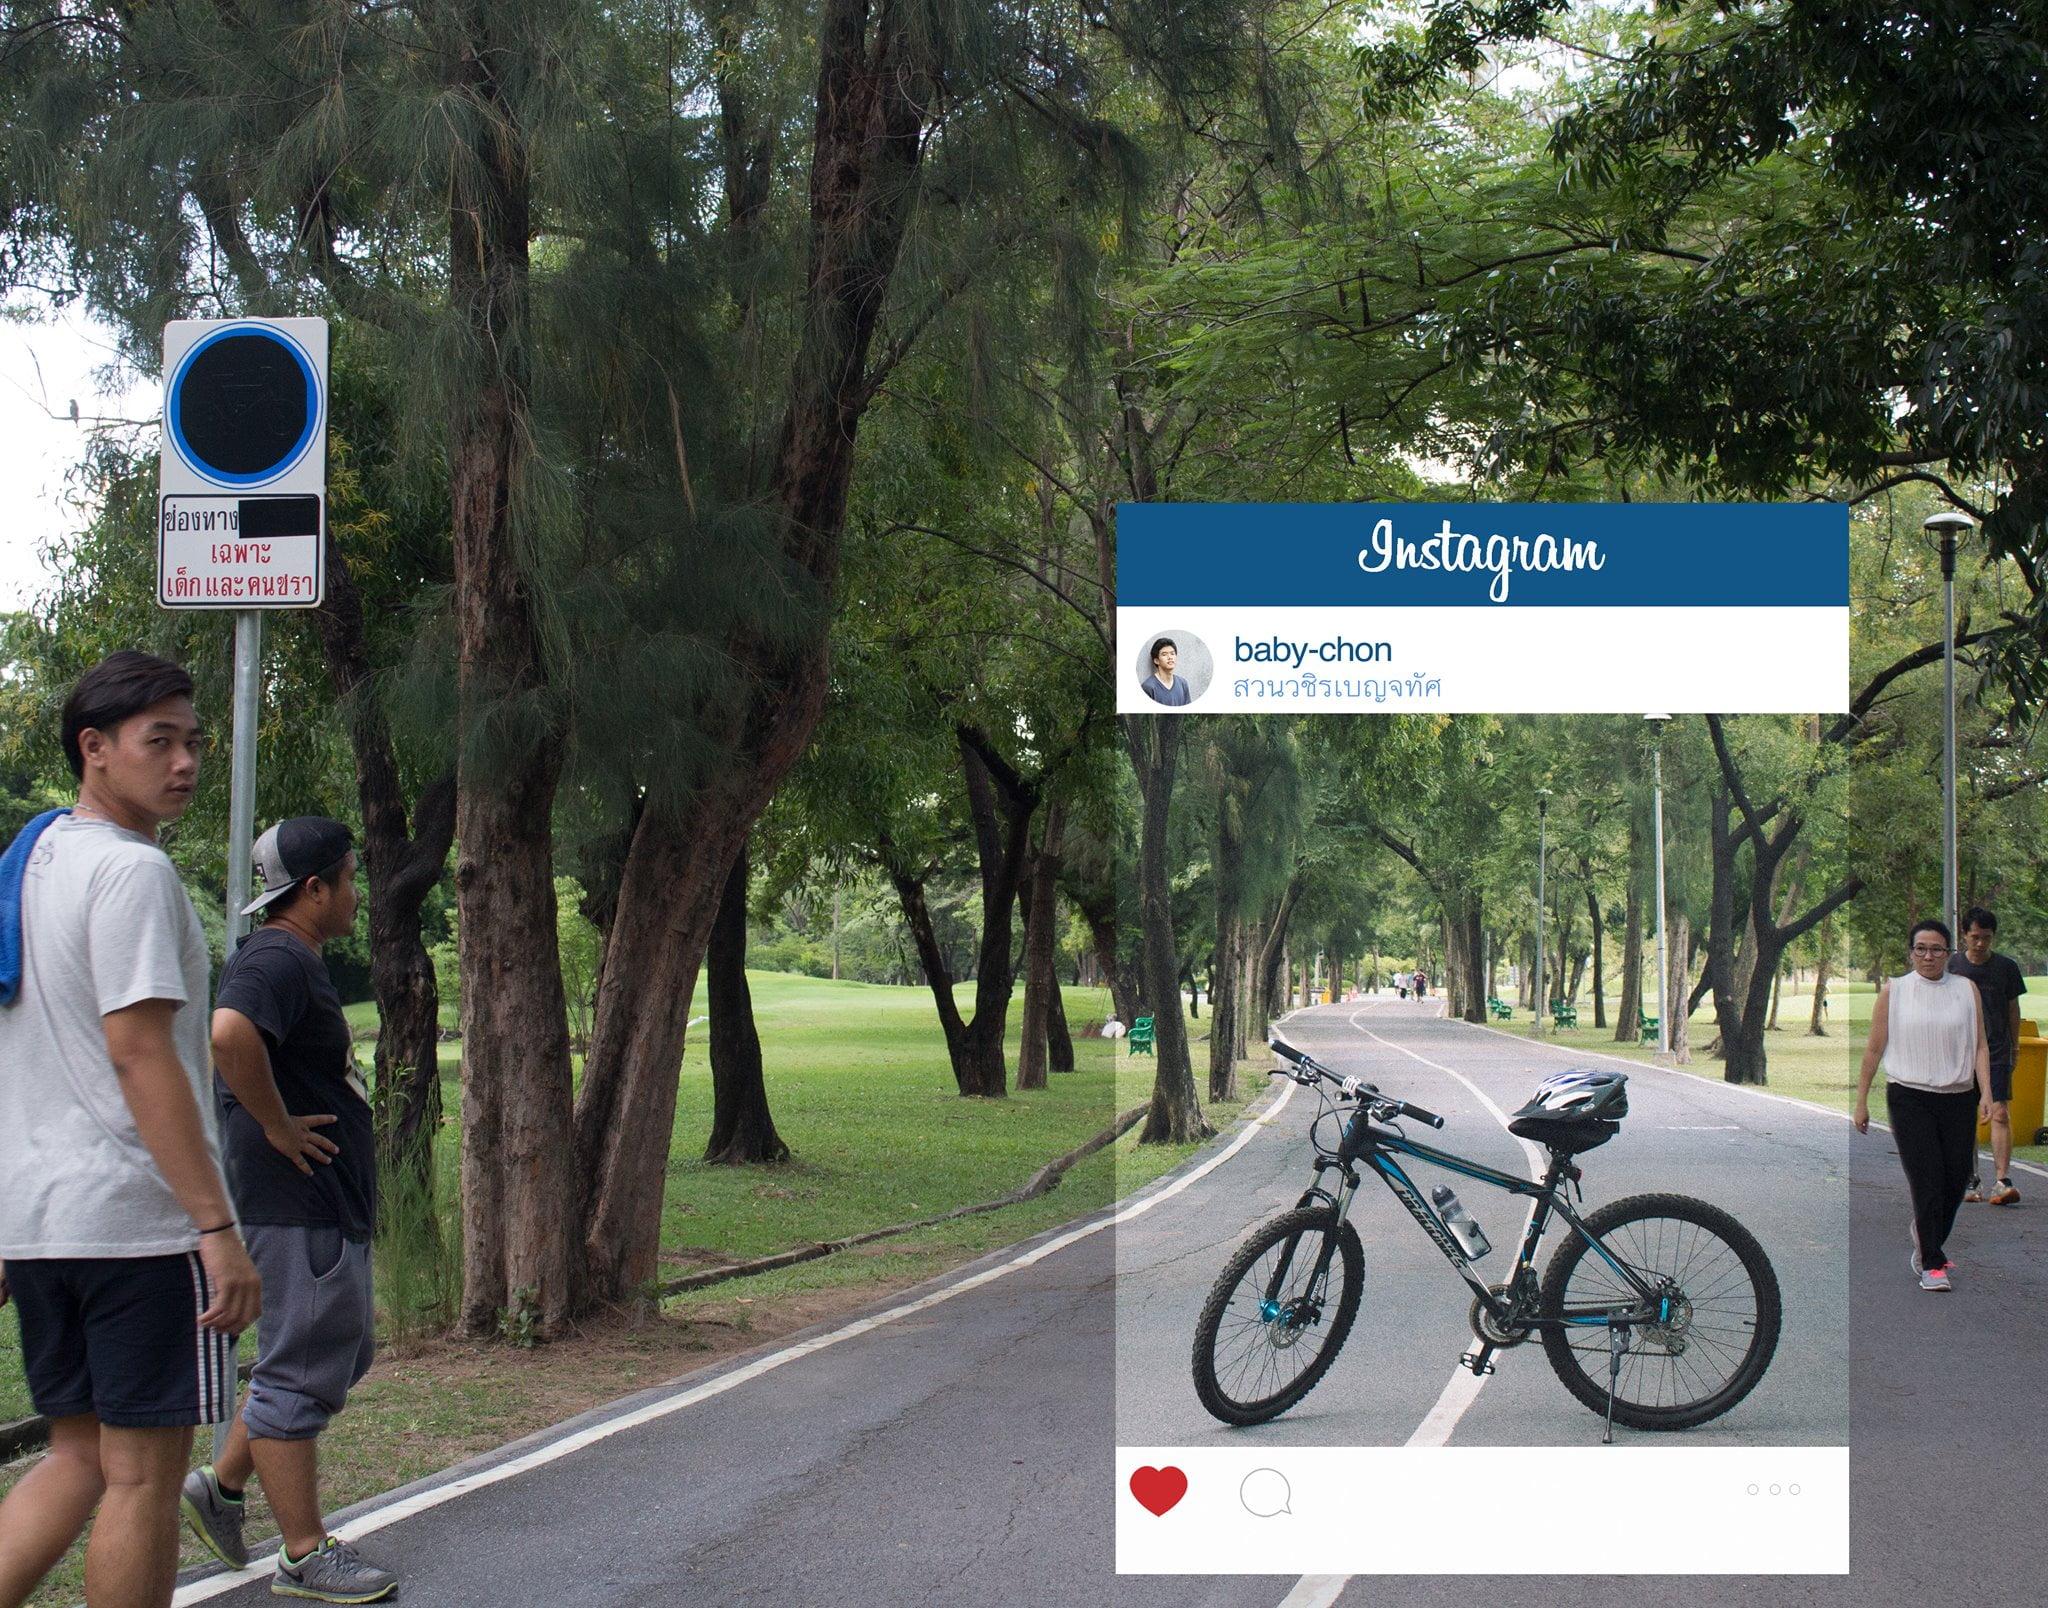 chompoo-baritone-6 La face cachée des photos sur Instagram